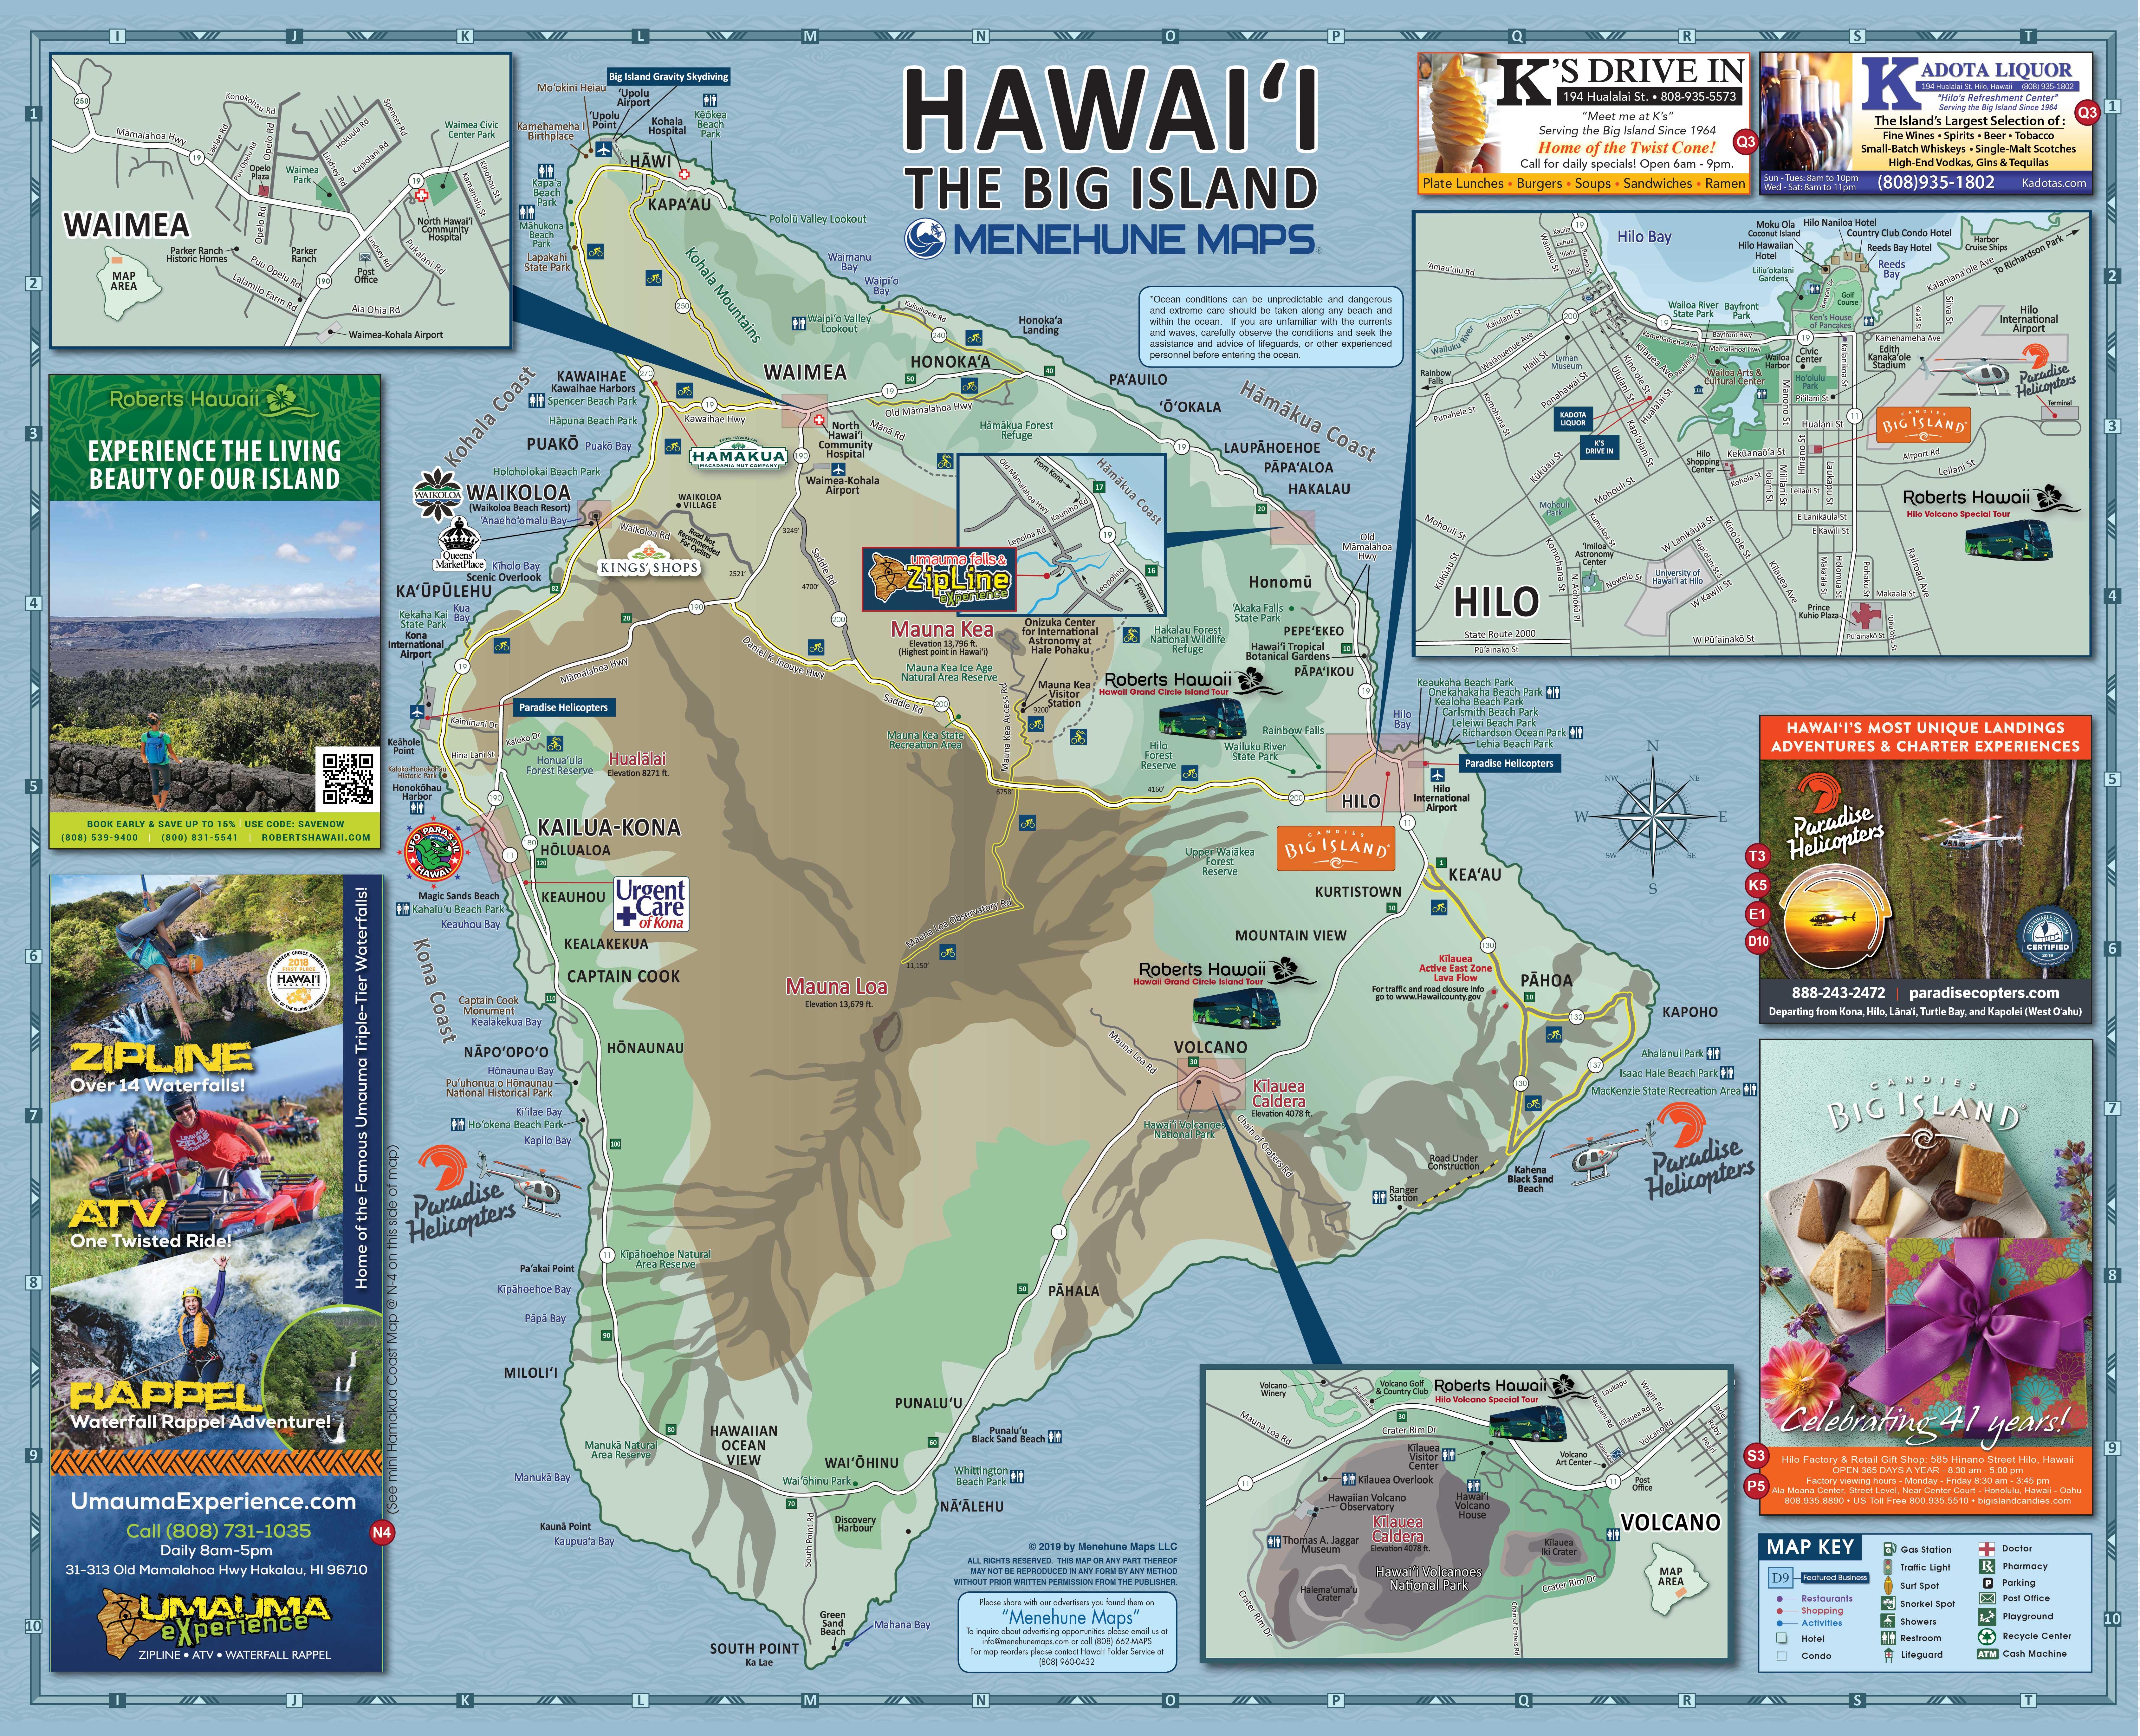 Hawaii Road Map | Menehune Maps on lihue hawaii map, kona hawaii map, mauna lani hawaii map, north shore hawaii map, alaska map, waipahu hawaii map, usa and hawaii map, lanai hawaii map, kailua-kona map, kauai map, ecuador map, kona airport map, hawaii main island map, hilo hawaii map, oahu map, molokai hawaii map, pearl city hawaii map, maui map, hawaii hawaii map, rainbow falls hawaii map,